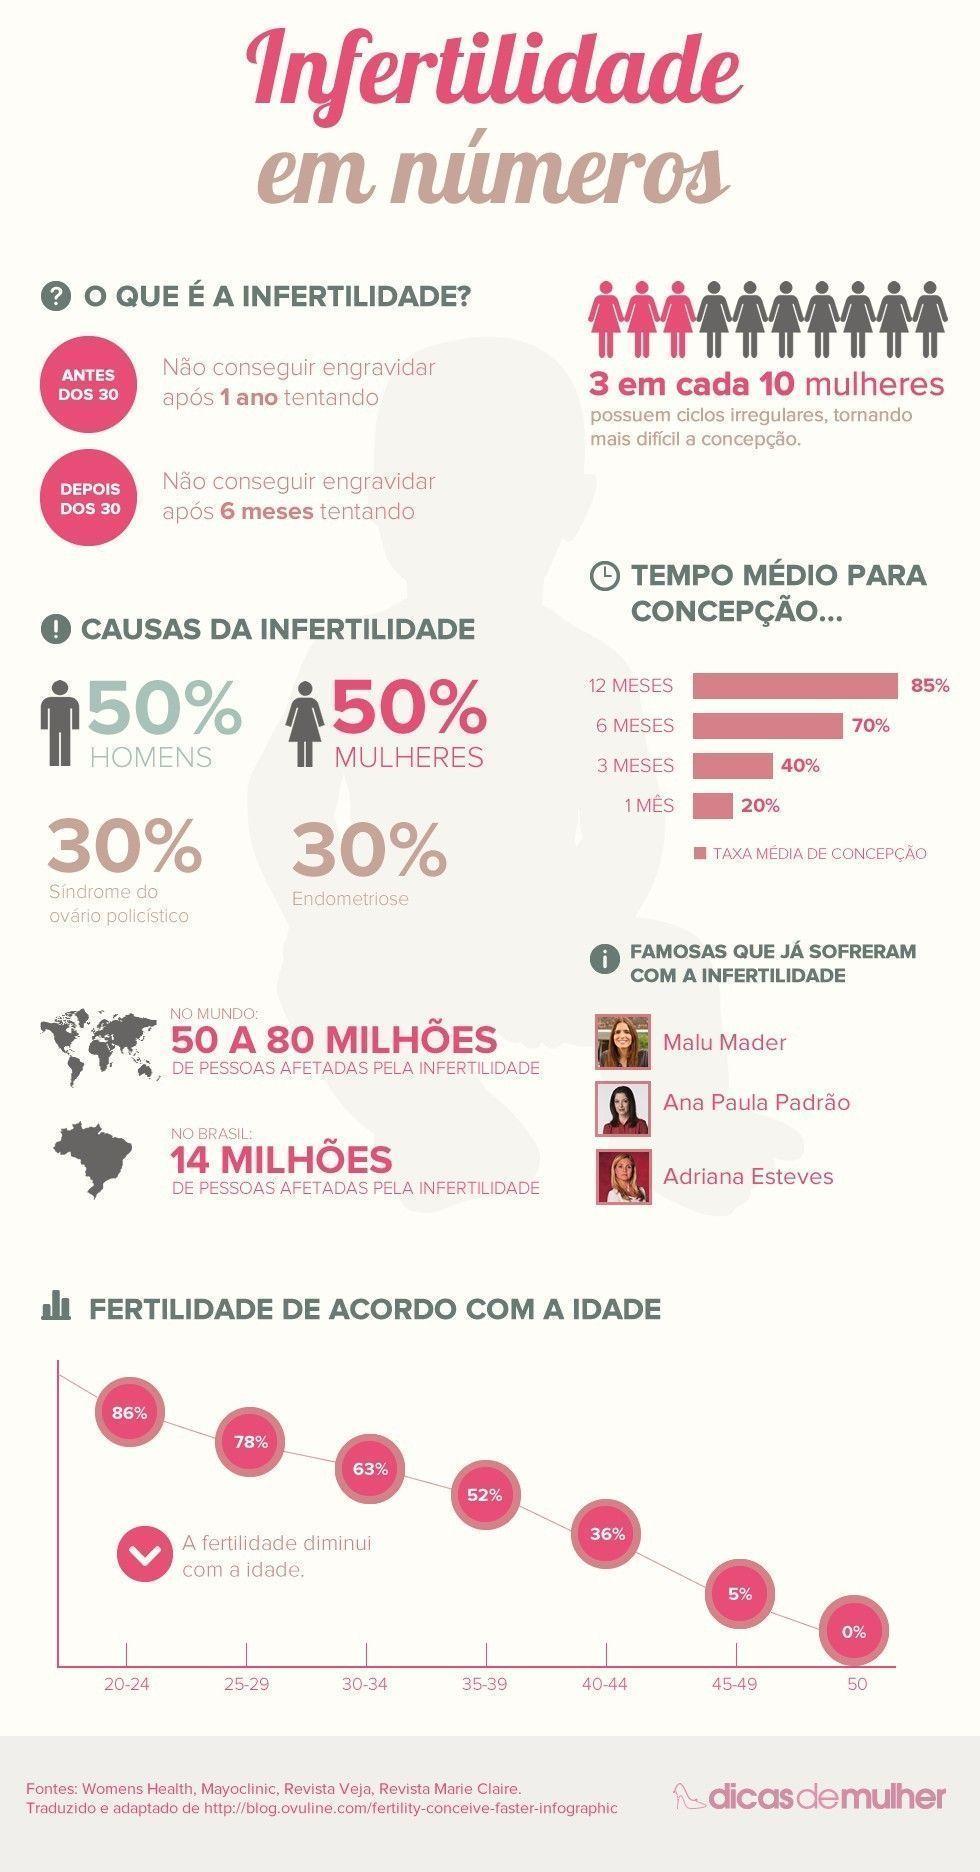 Infográfico: Infertilidade em números